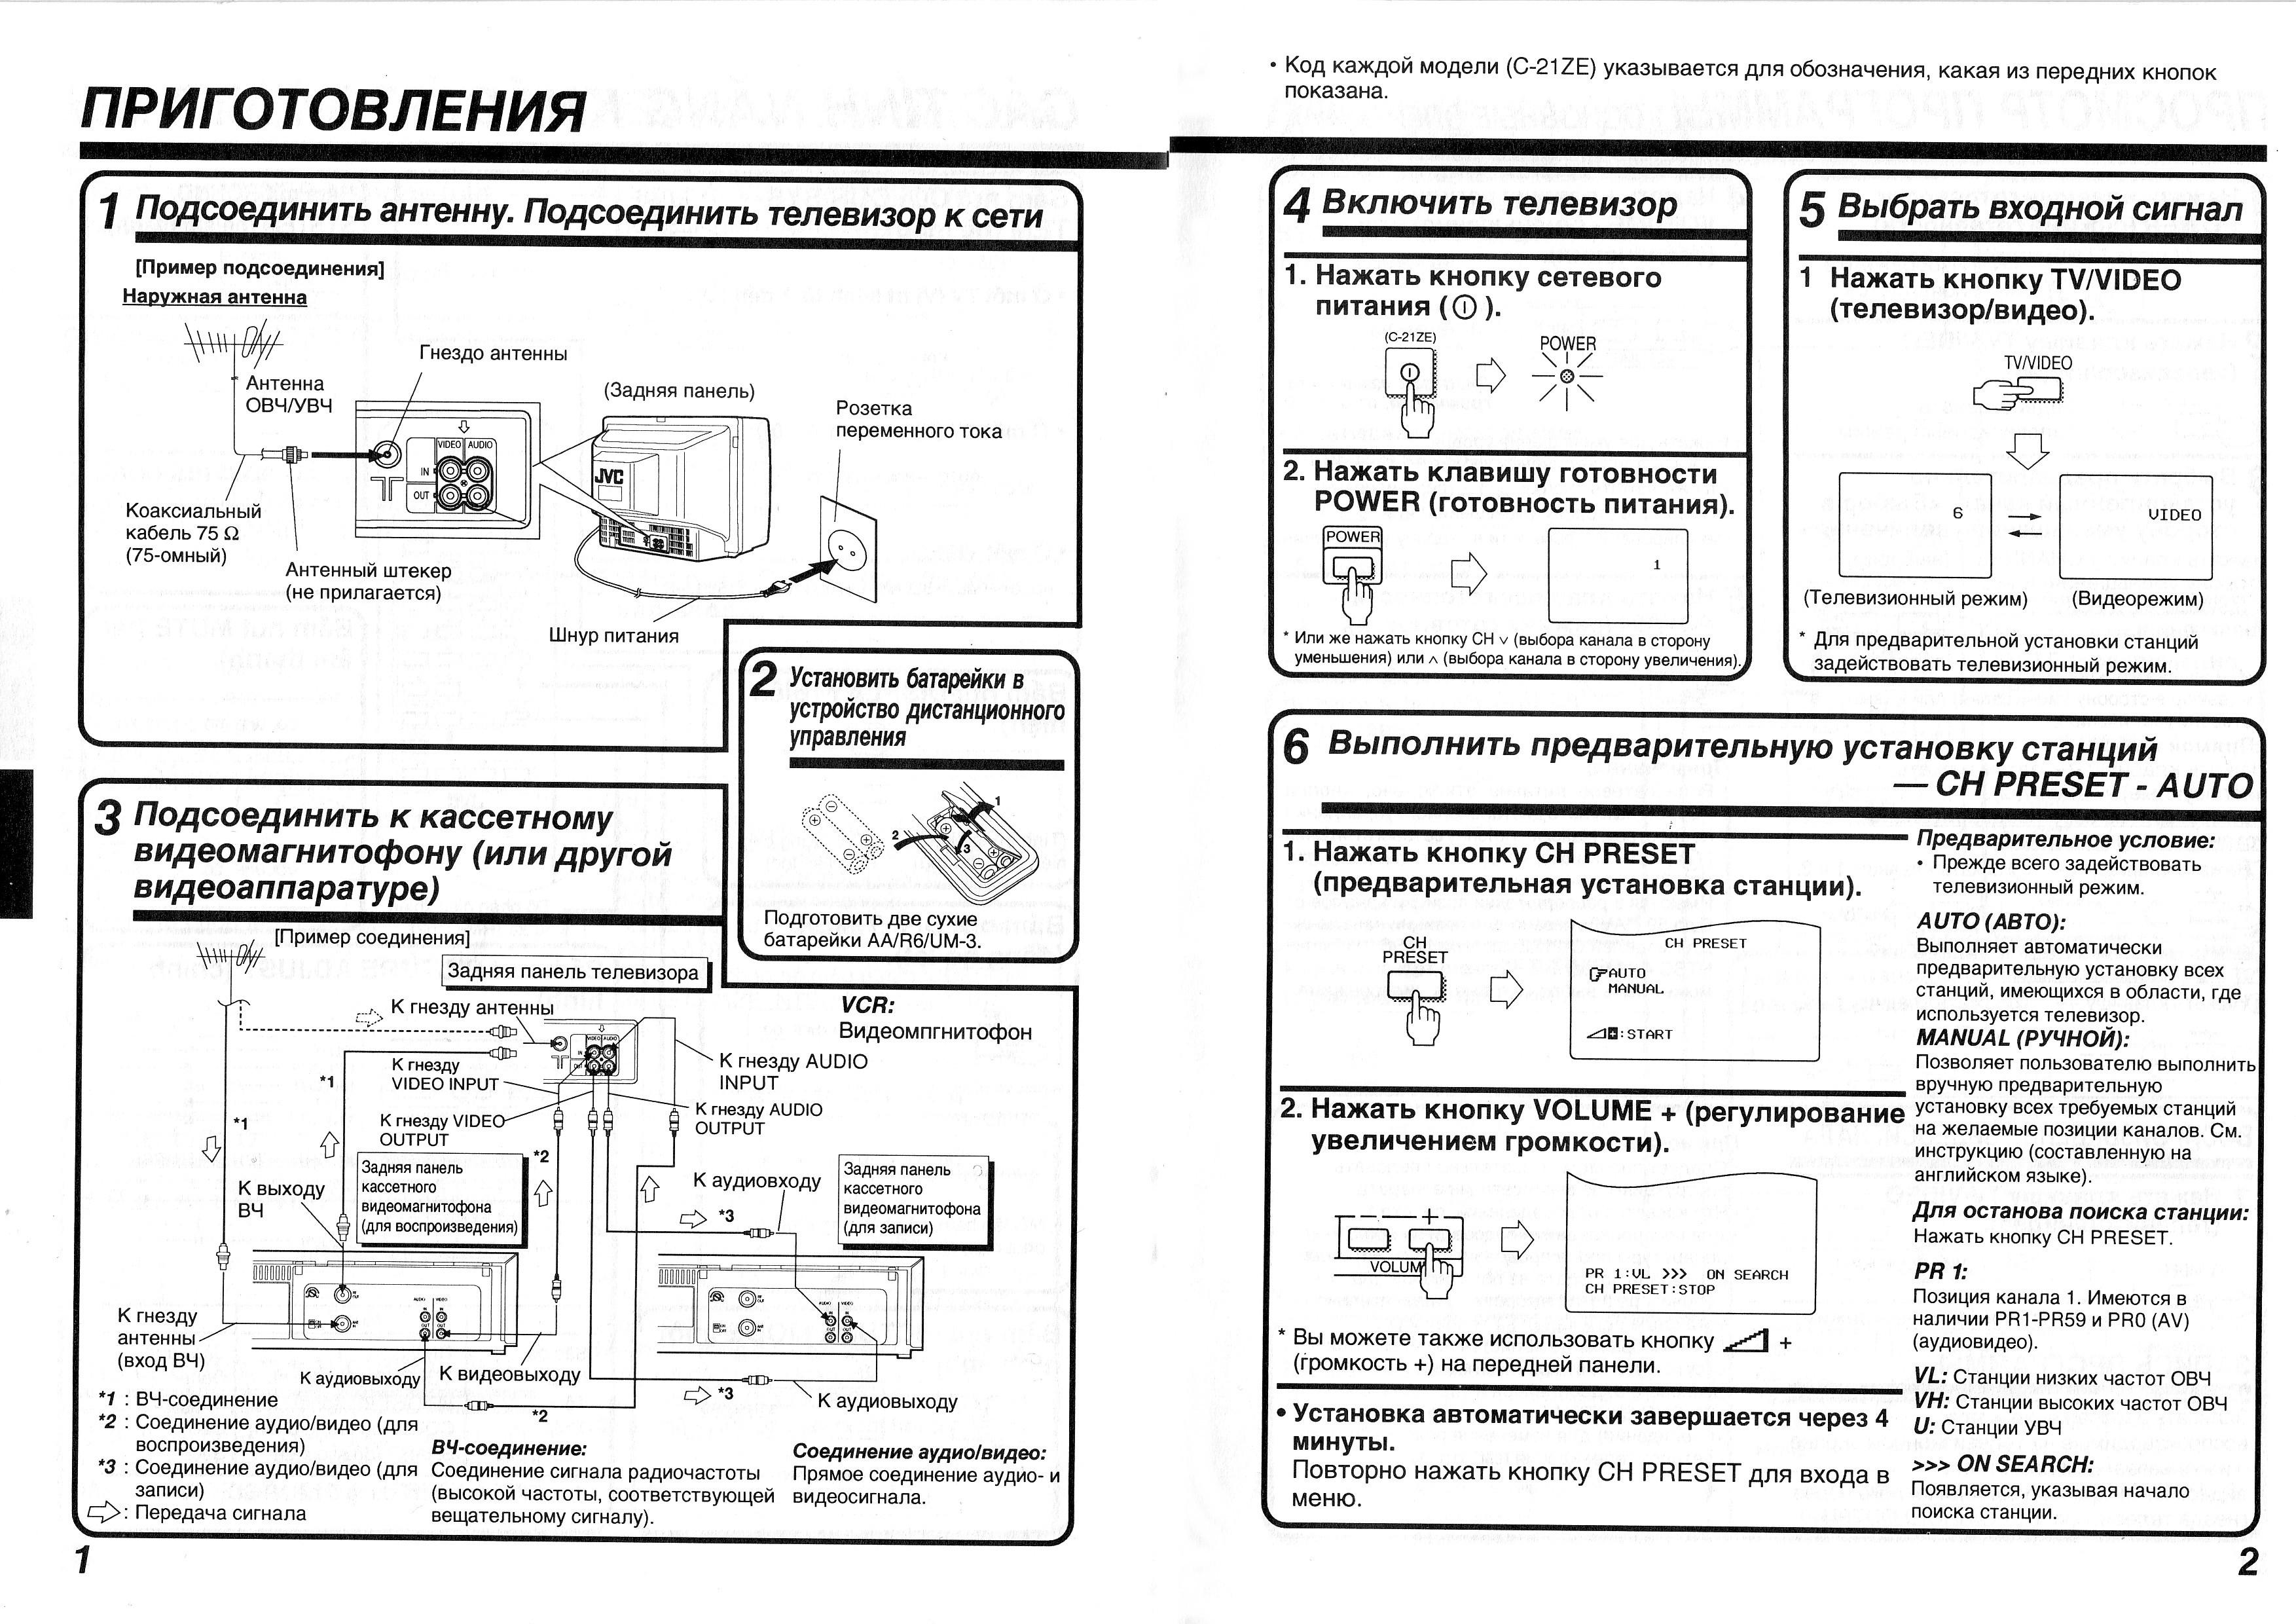 Телевизор jvc модель c-21z шасси cz нарушение цветопередачи | tv.